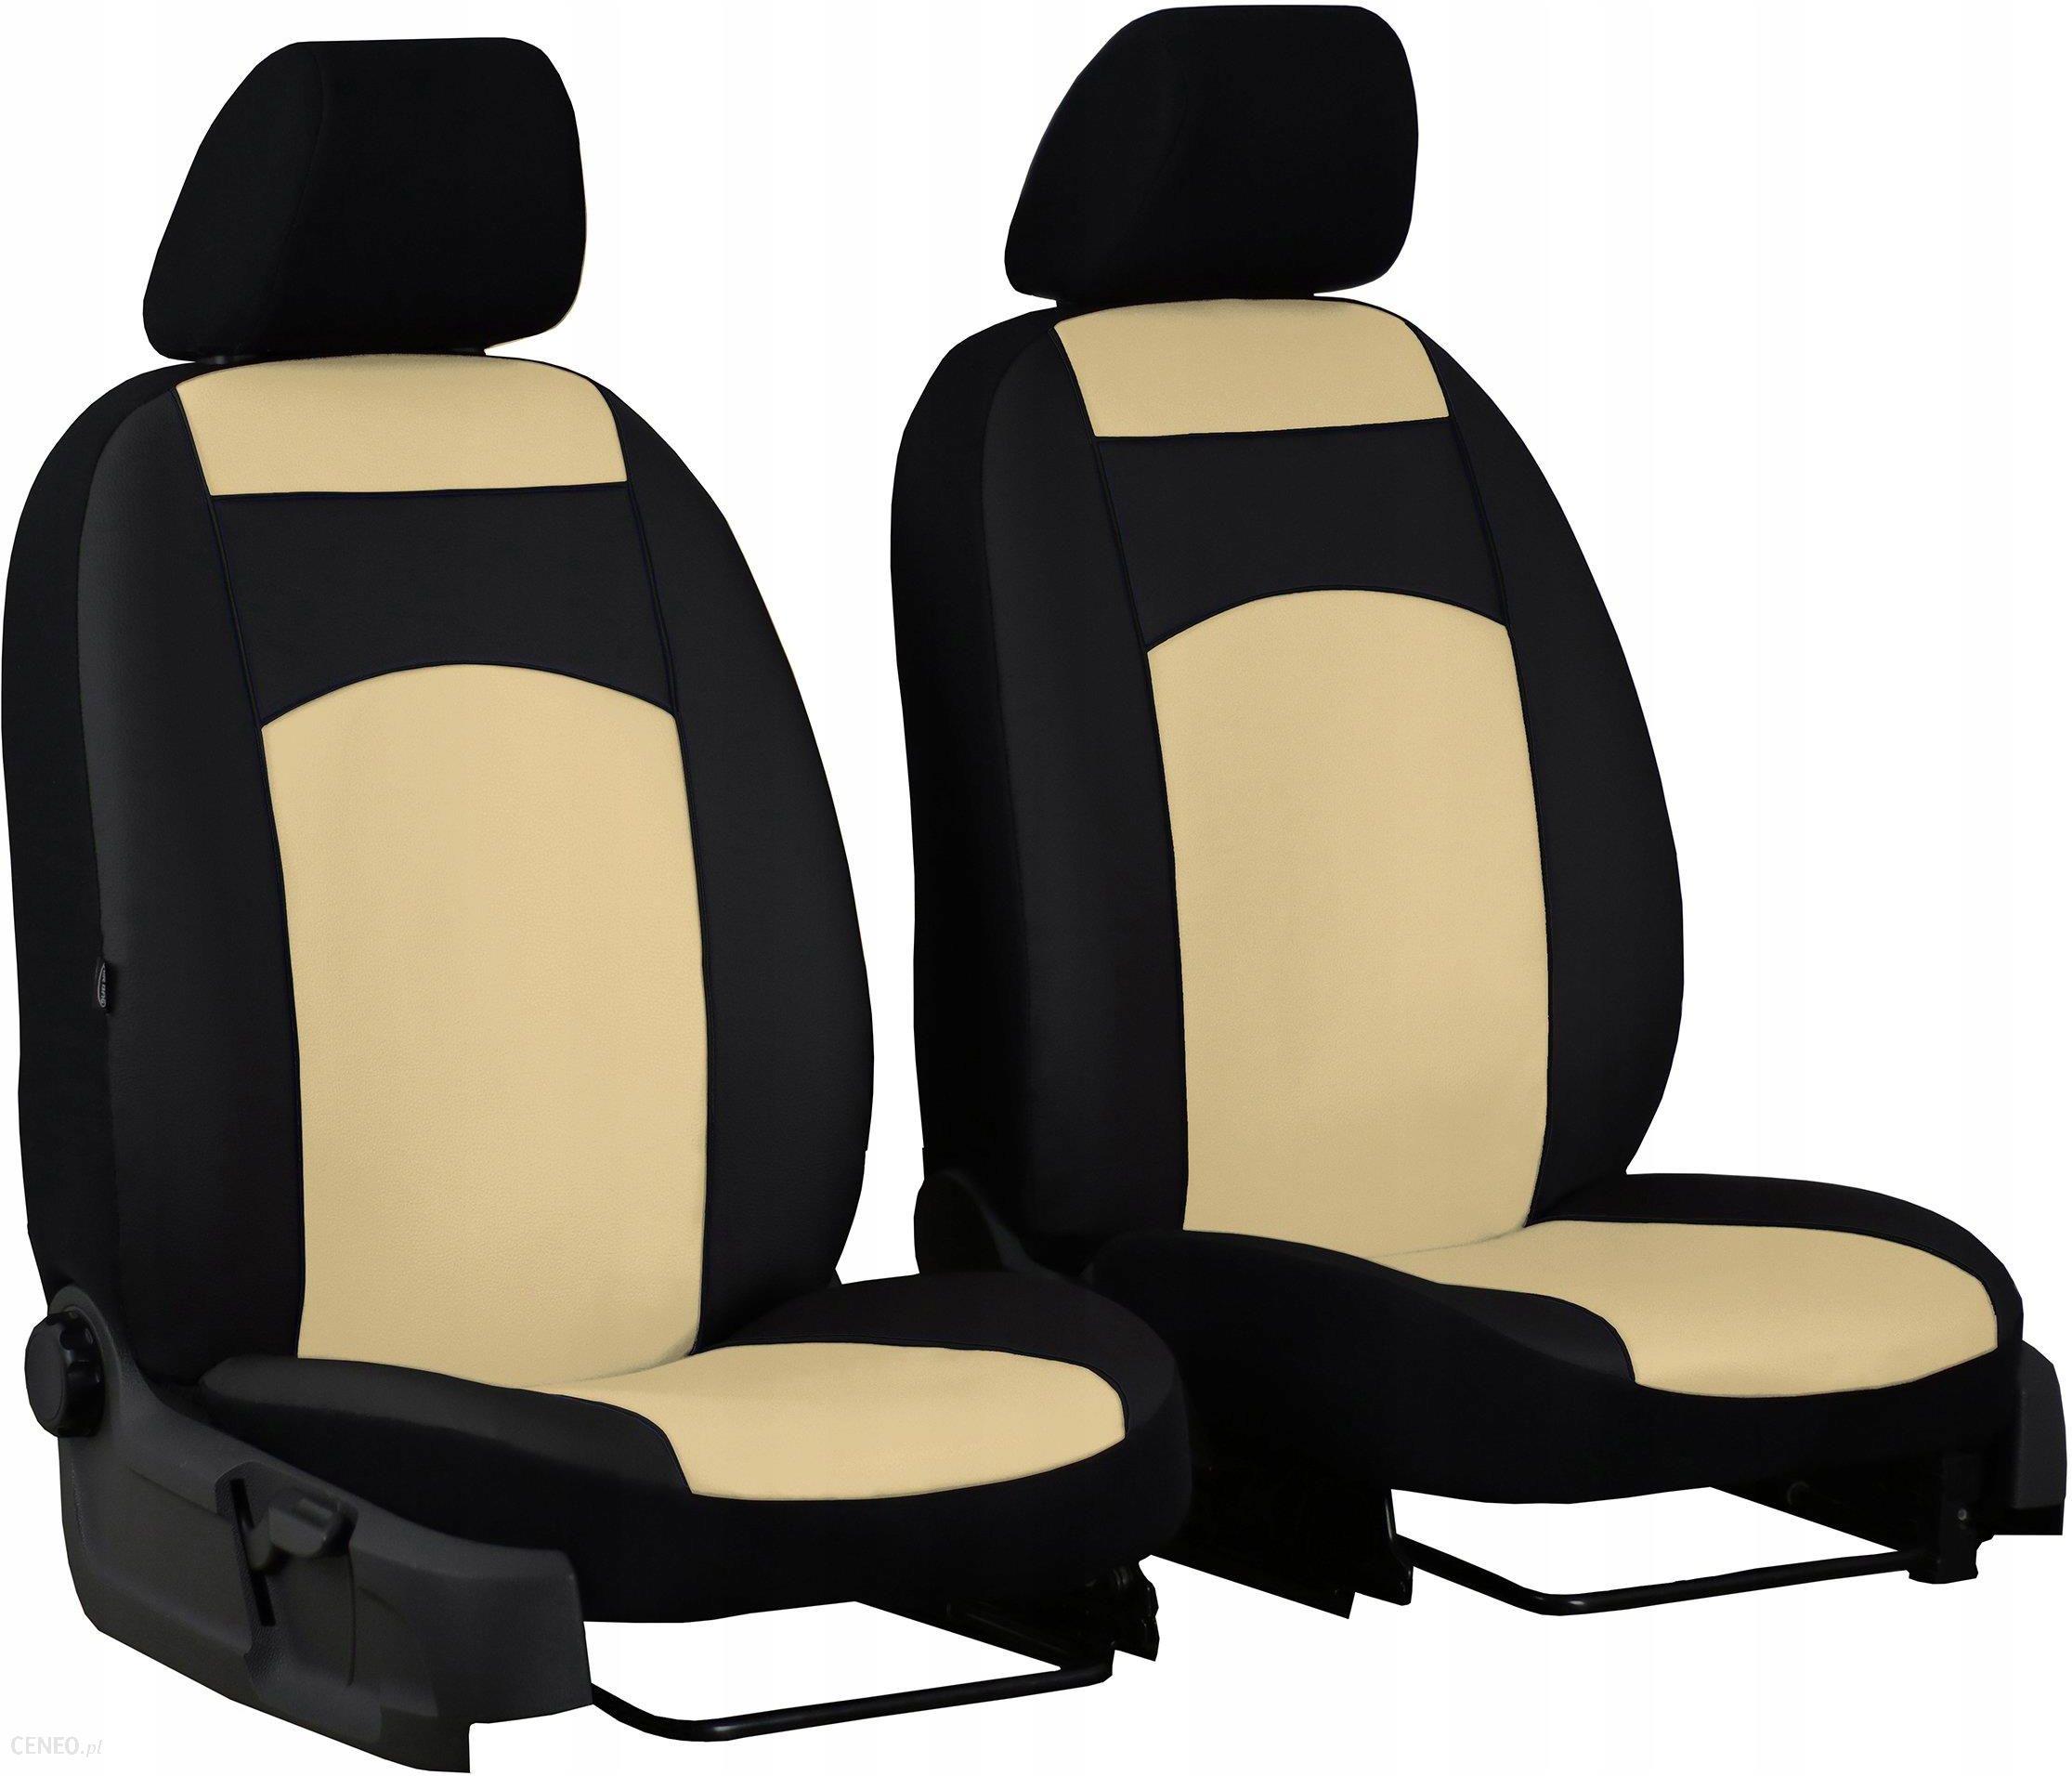 Pokrowiec Samochodowy Skóra Pokrowce Na Fotele Bus Fiat Ducato 1 11 Opinie I Ceny Na Ceneopl